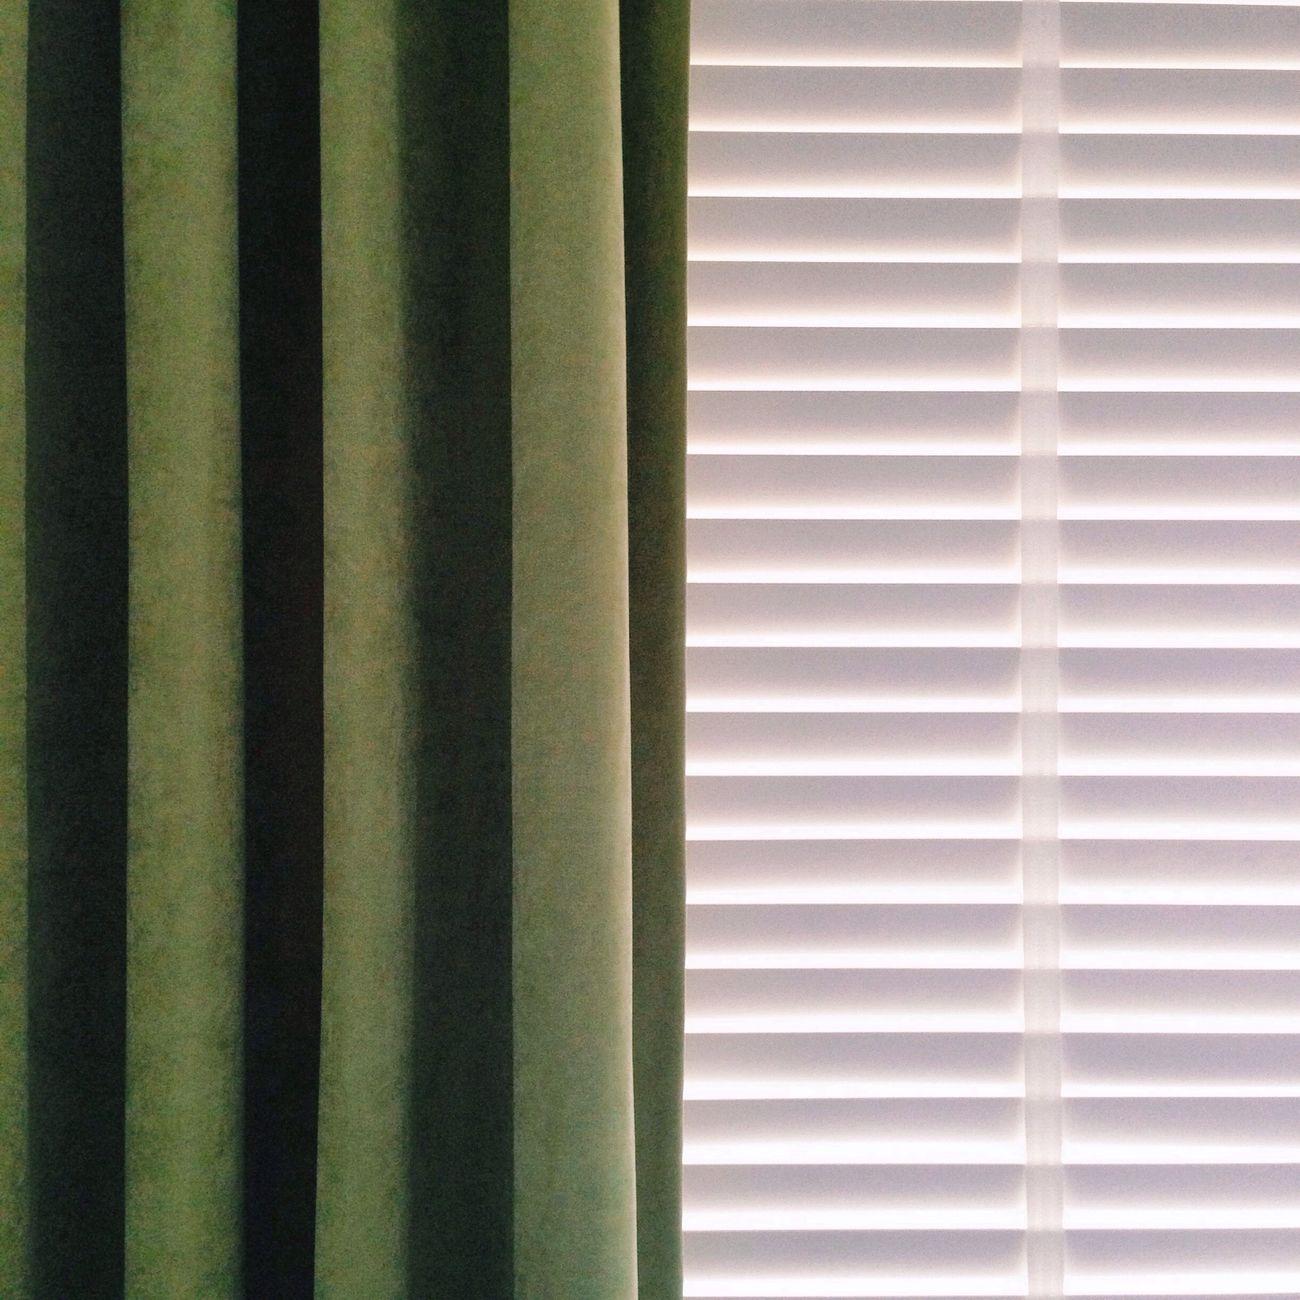 Vscocam Green